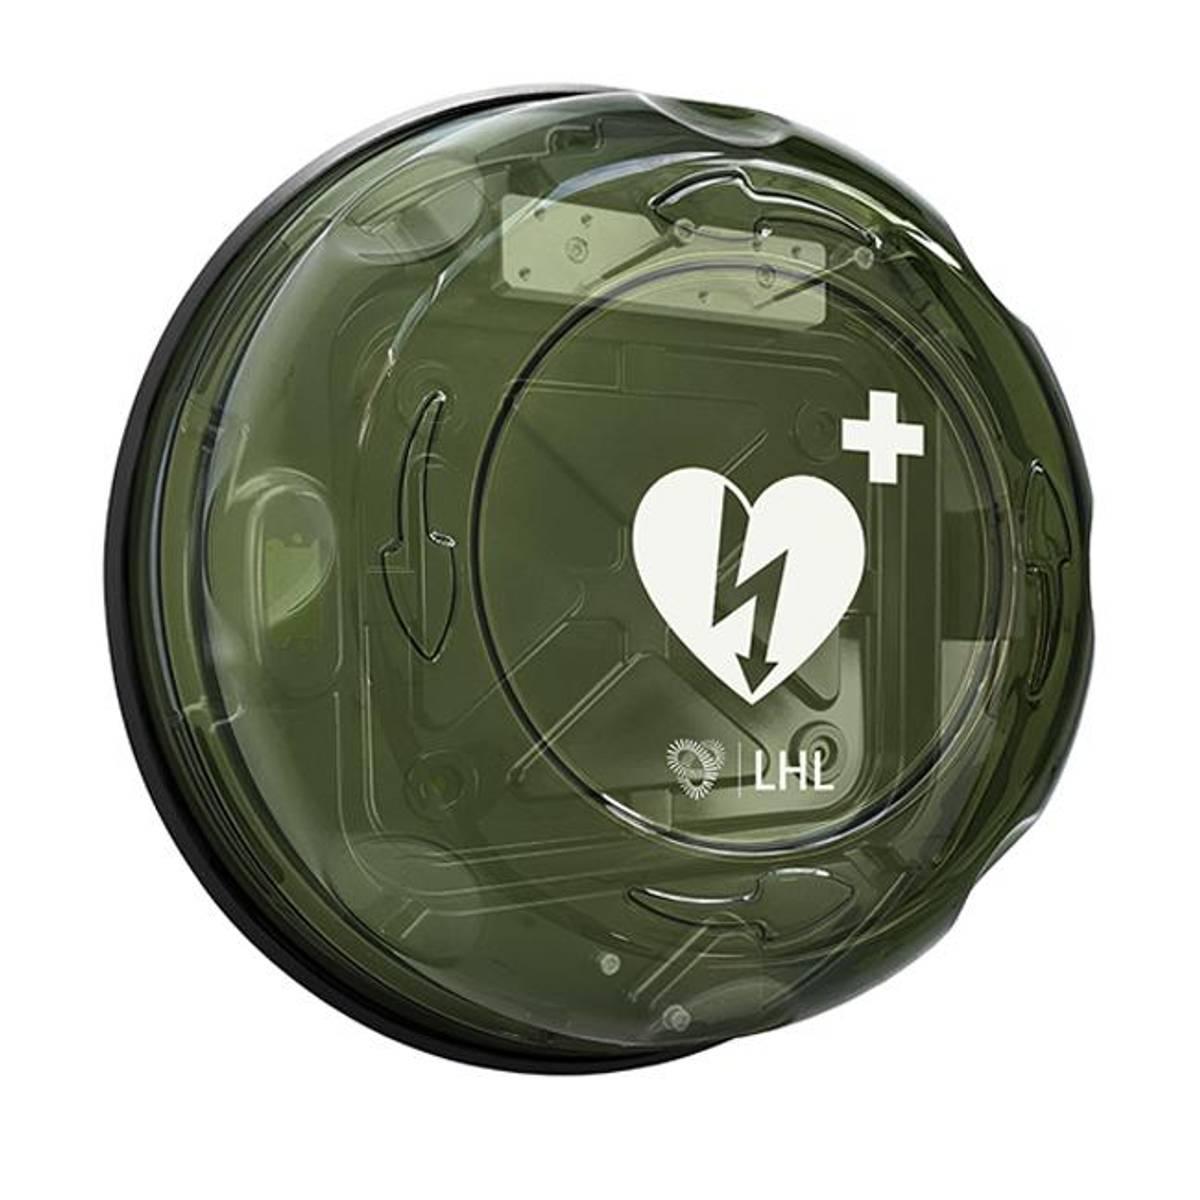 Komplett Rotaid 24/7 overvåket hjertestarterskap med varme